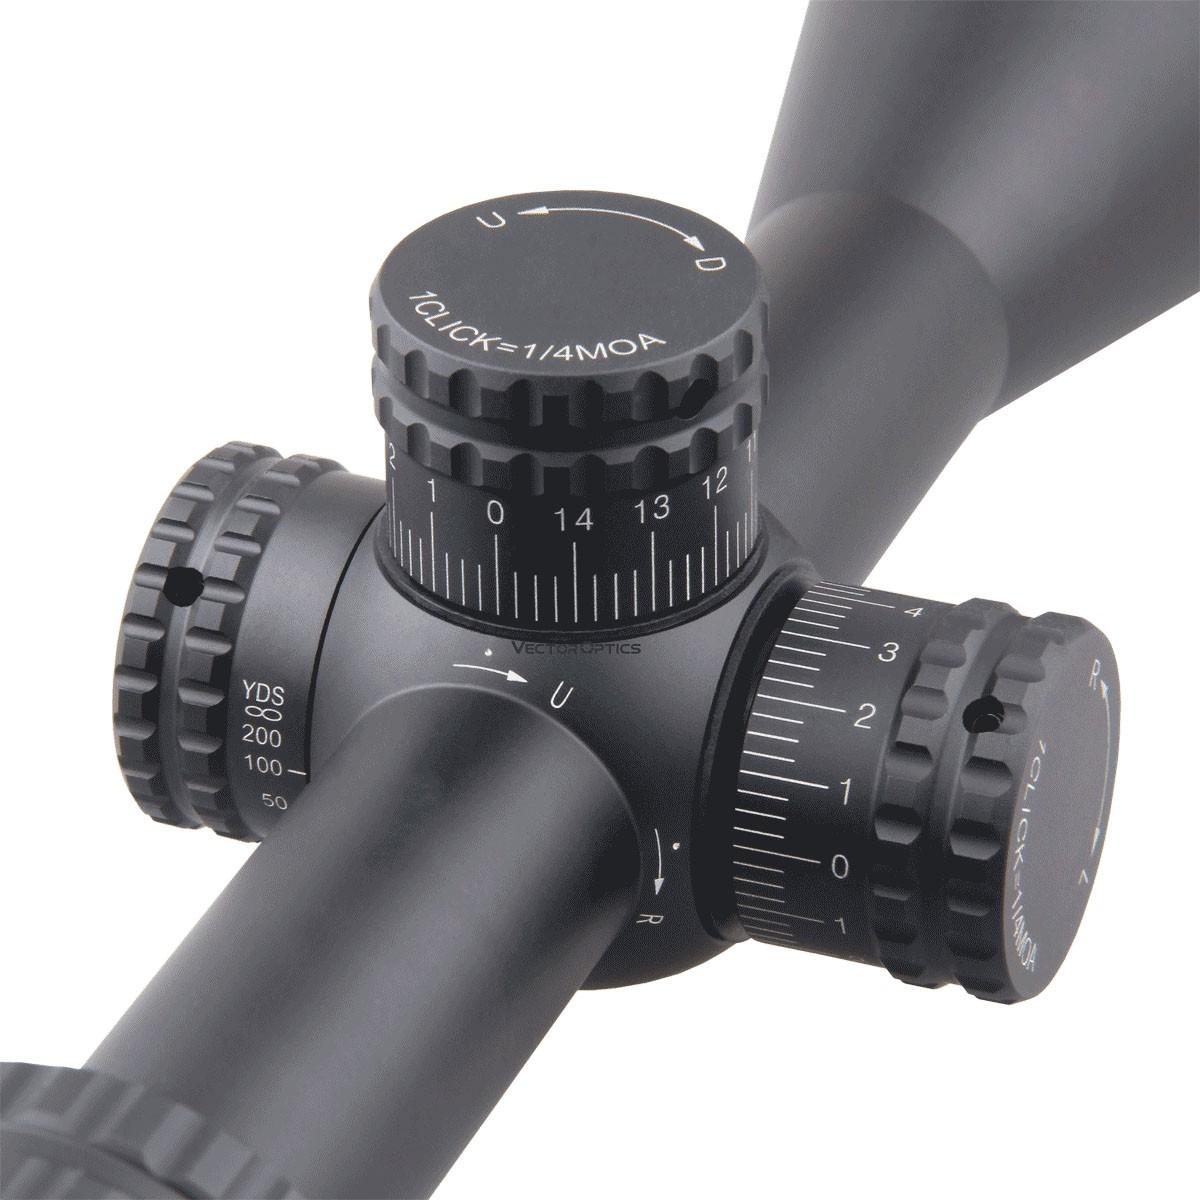 Hugo 3-12x44GT SFP Riflescope